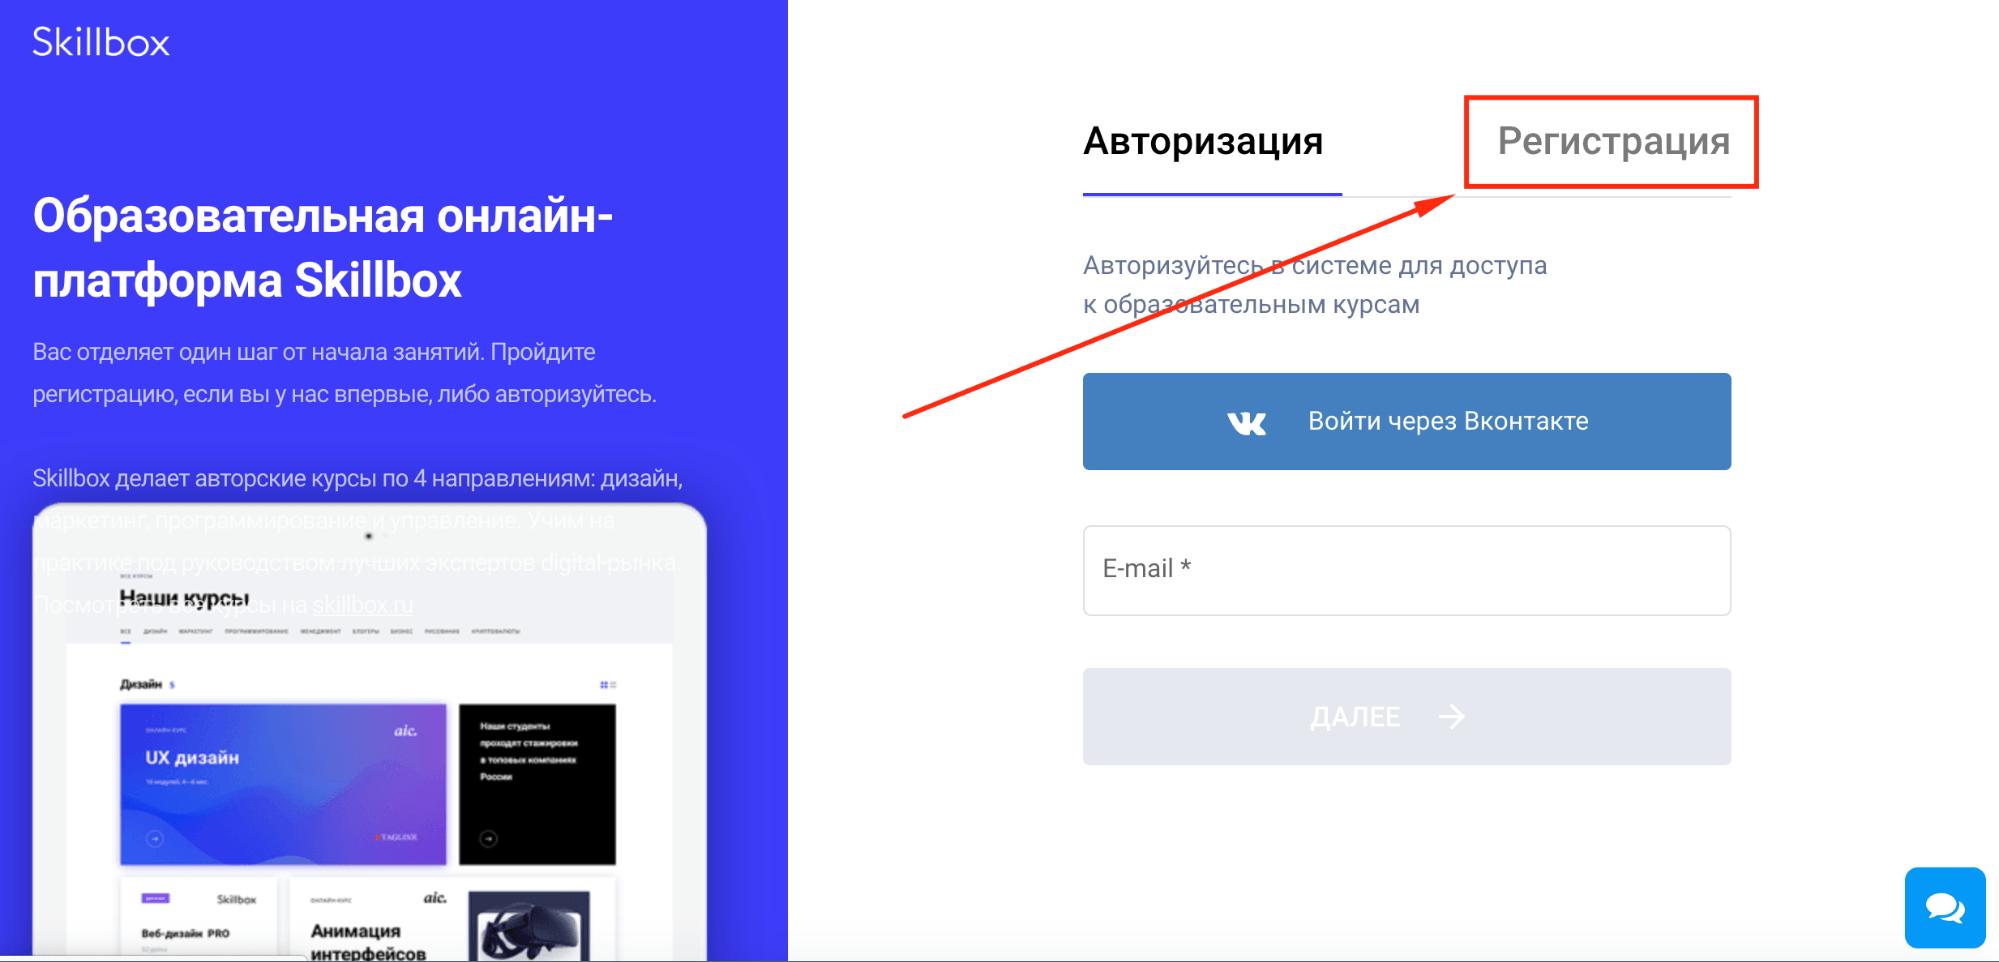 Как зарегистрироваться на сайте